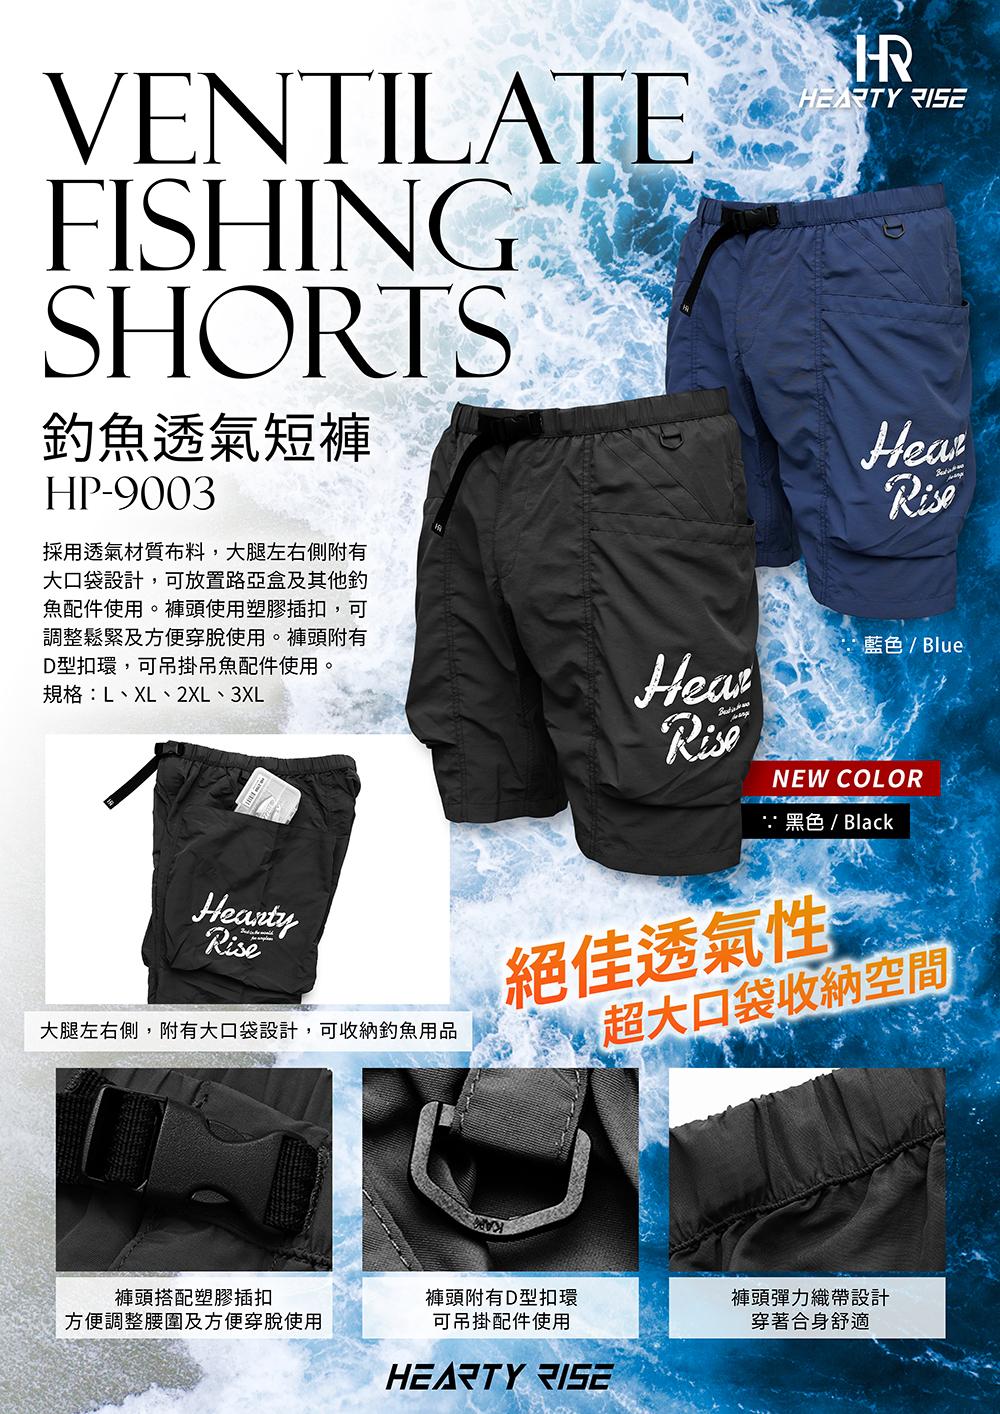 HR 釣魚短褲 黑 HP-9003 1000